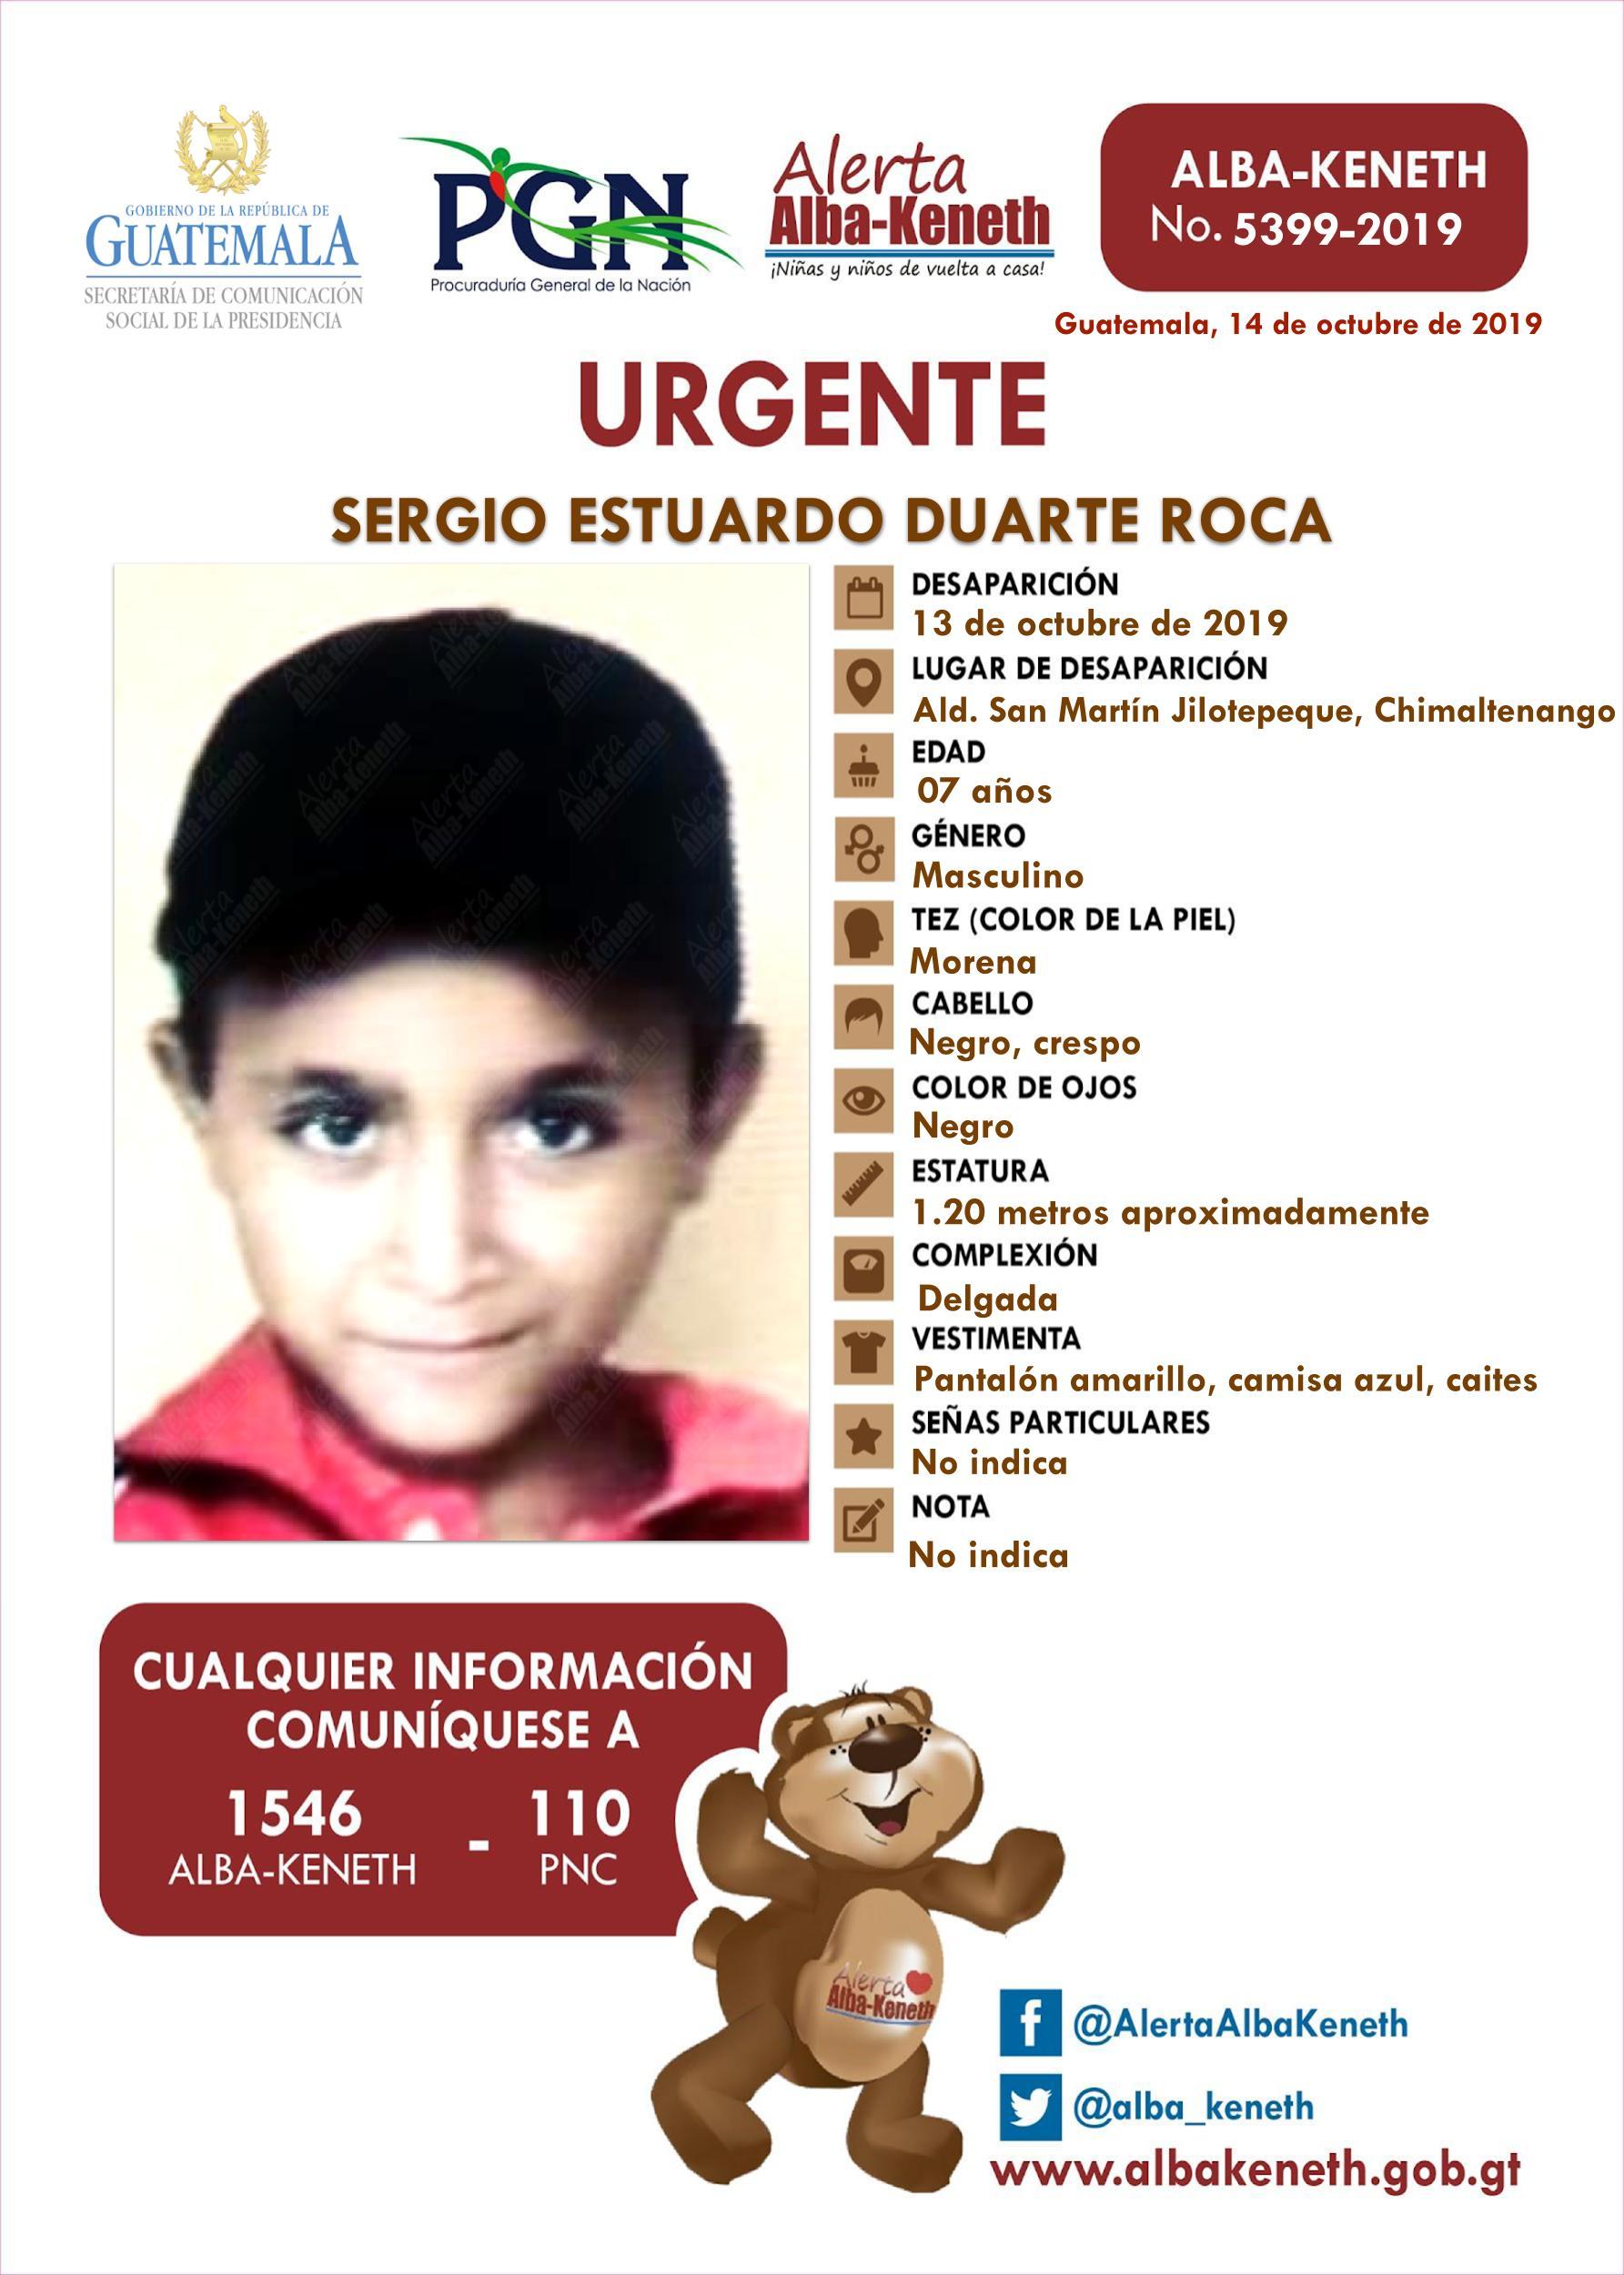 Sergio Estuardo Duarte Roca